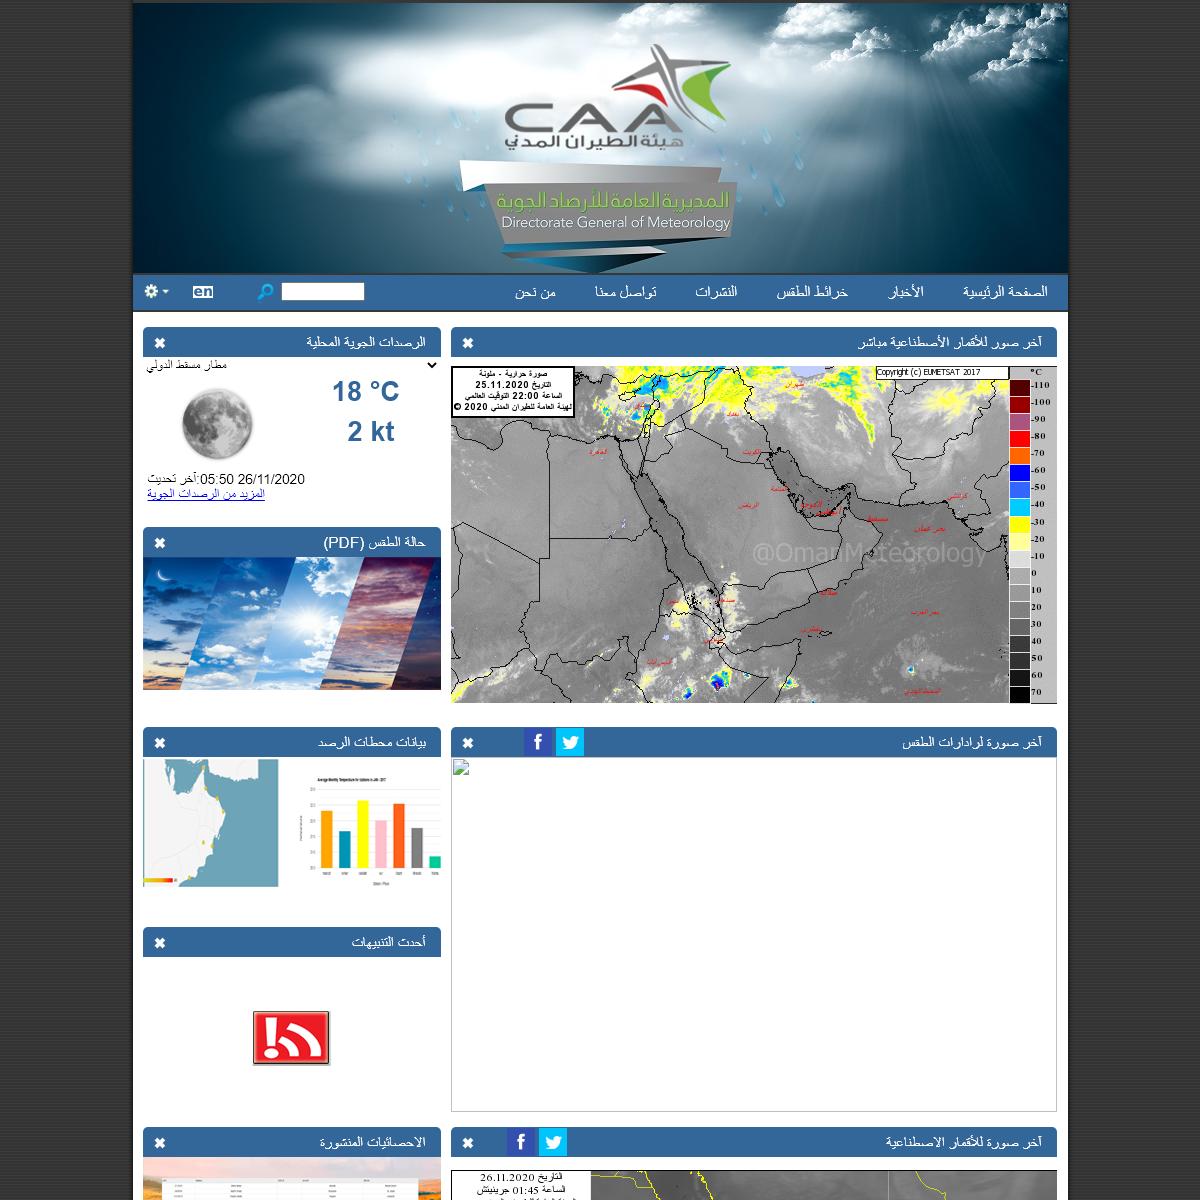 المديرية العامة للأرصاد الجوية